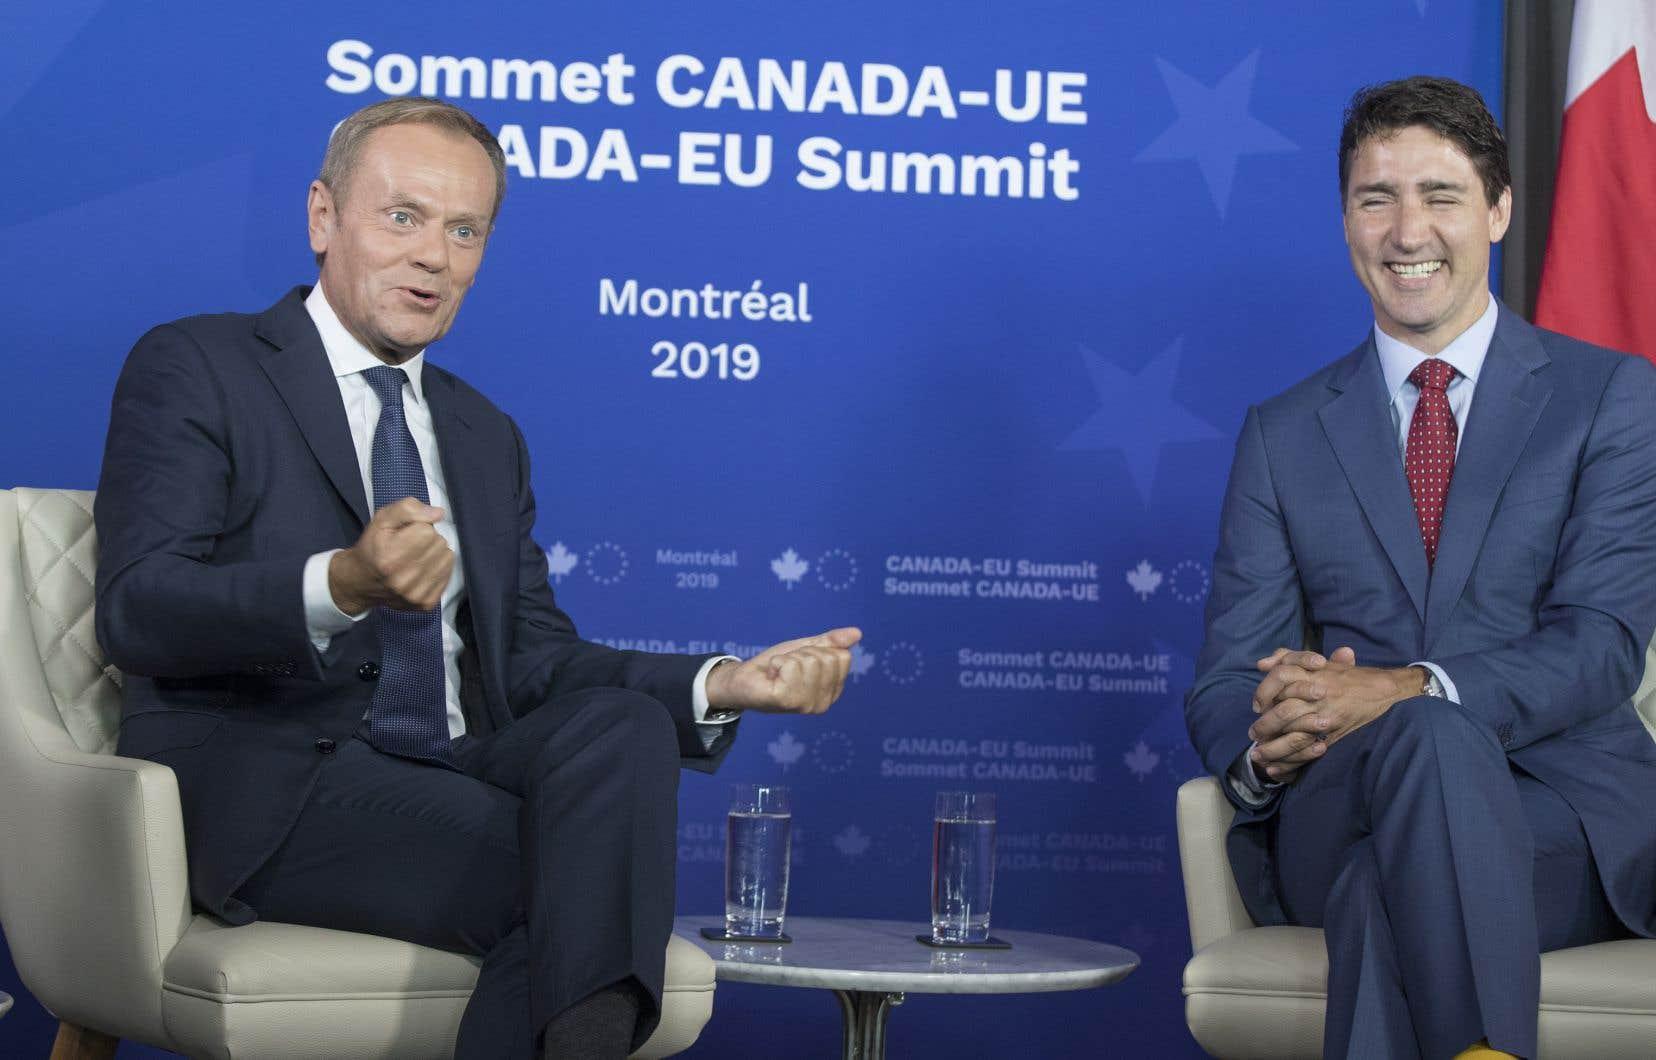 Le premier ministre Justin Trudeau et le président du Conseil européen, Donald Tusk